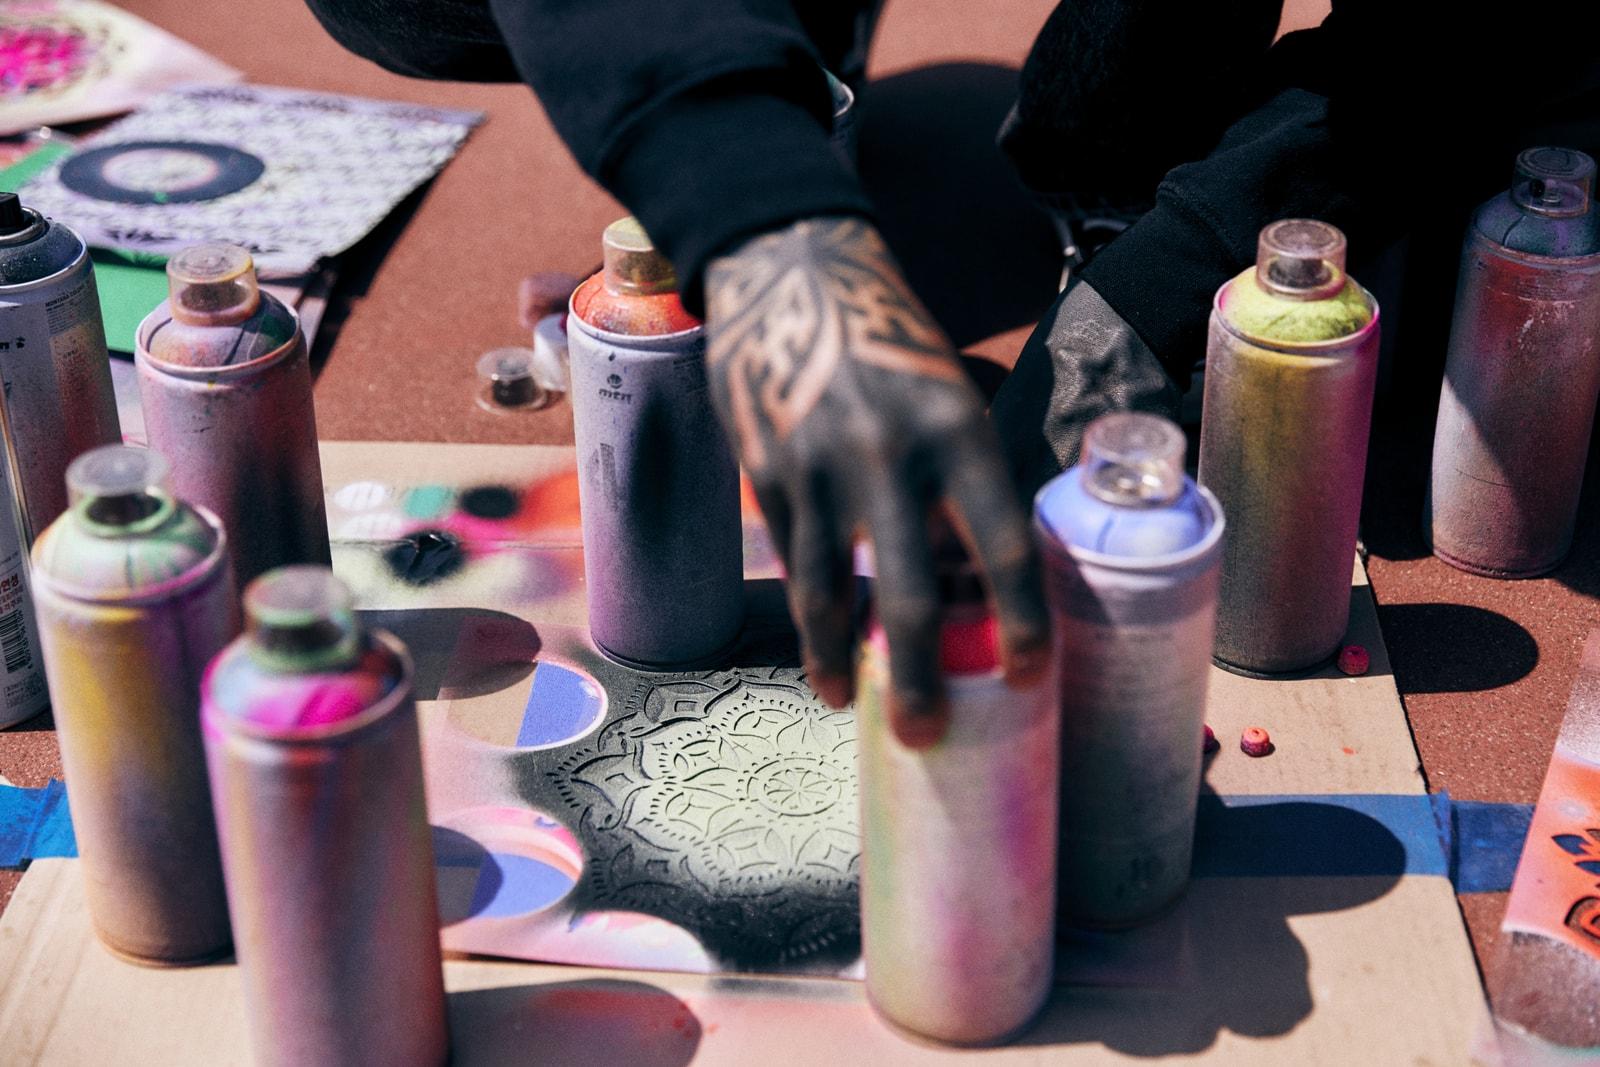 반스가 전하는 스케이터 구현준의 '그립 테이프 커스텀' 이야기, vans, skateboard, 스케이트보더